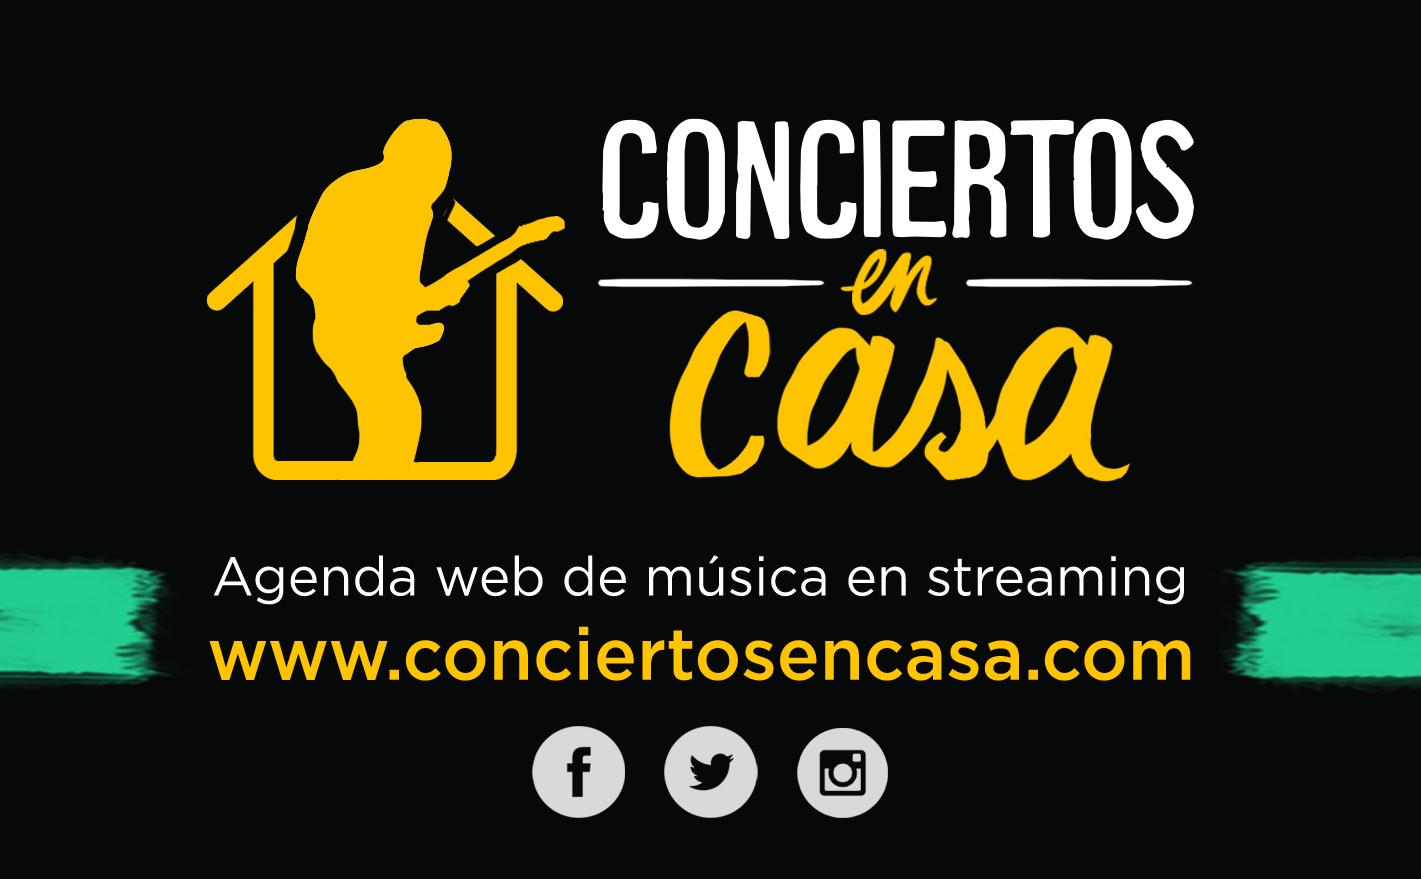 ConciertosenCasa.com: iniciativa granadina para llevar los conciertos a casa por streaming